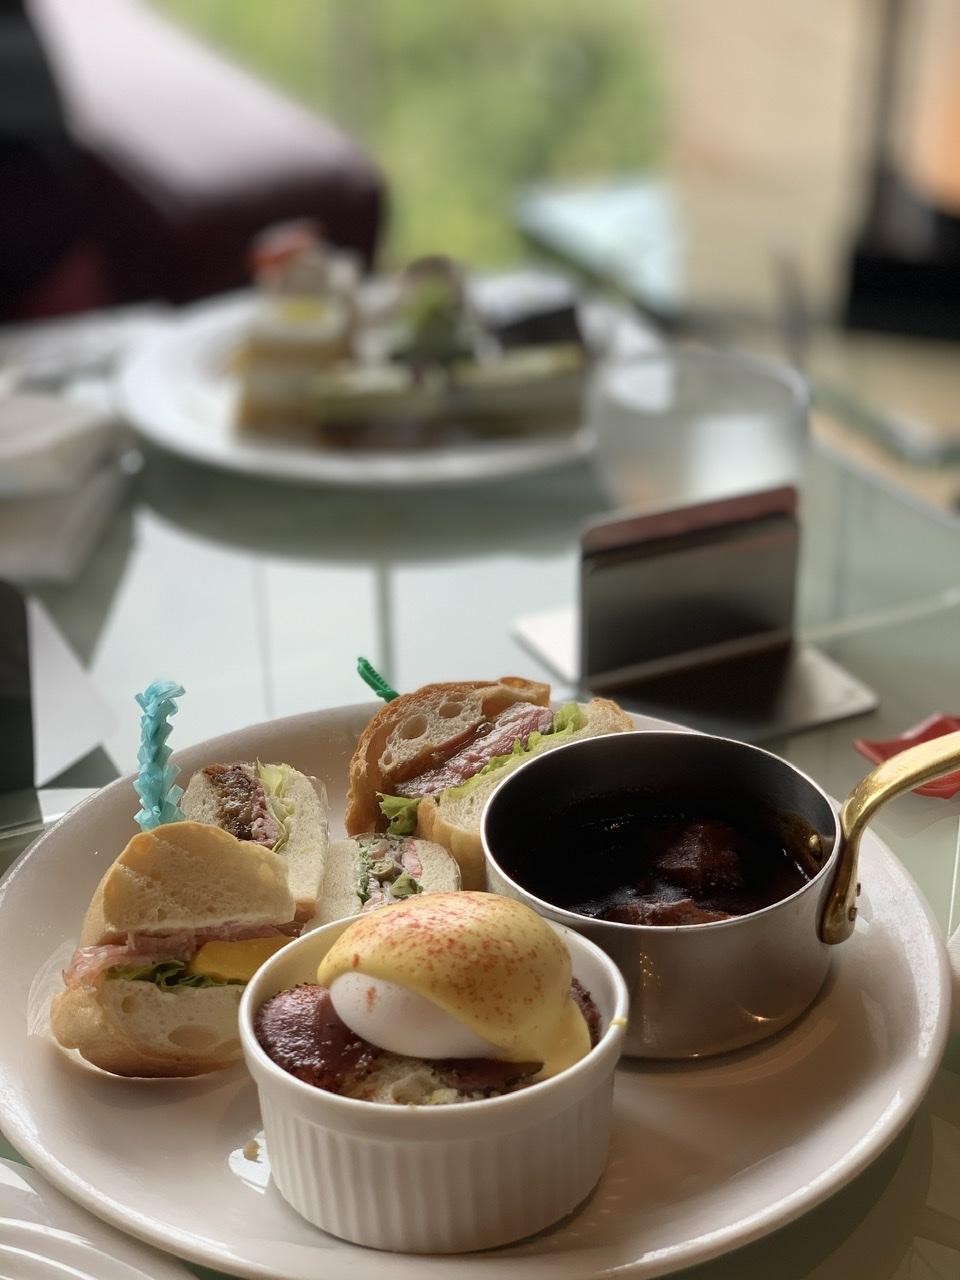 【ビュッフェ】ホテルニューオータニで抹茶とメロンとチョコレート❤︎_5